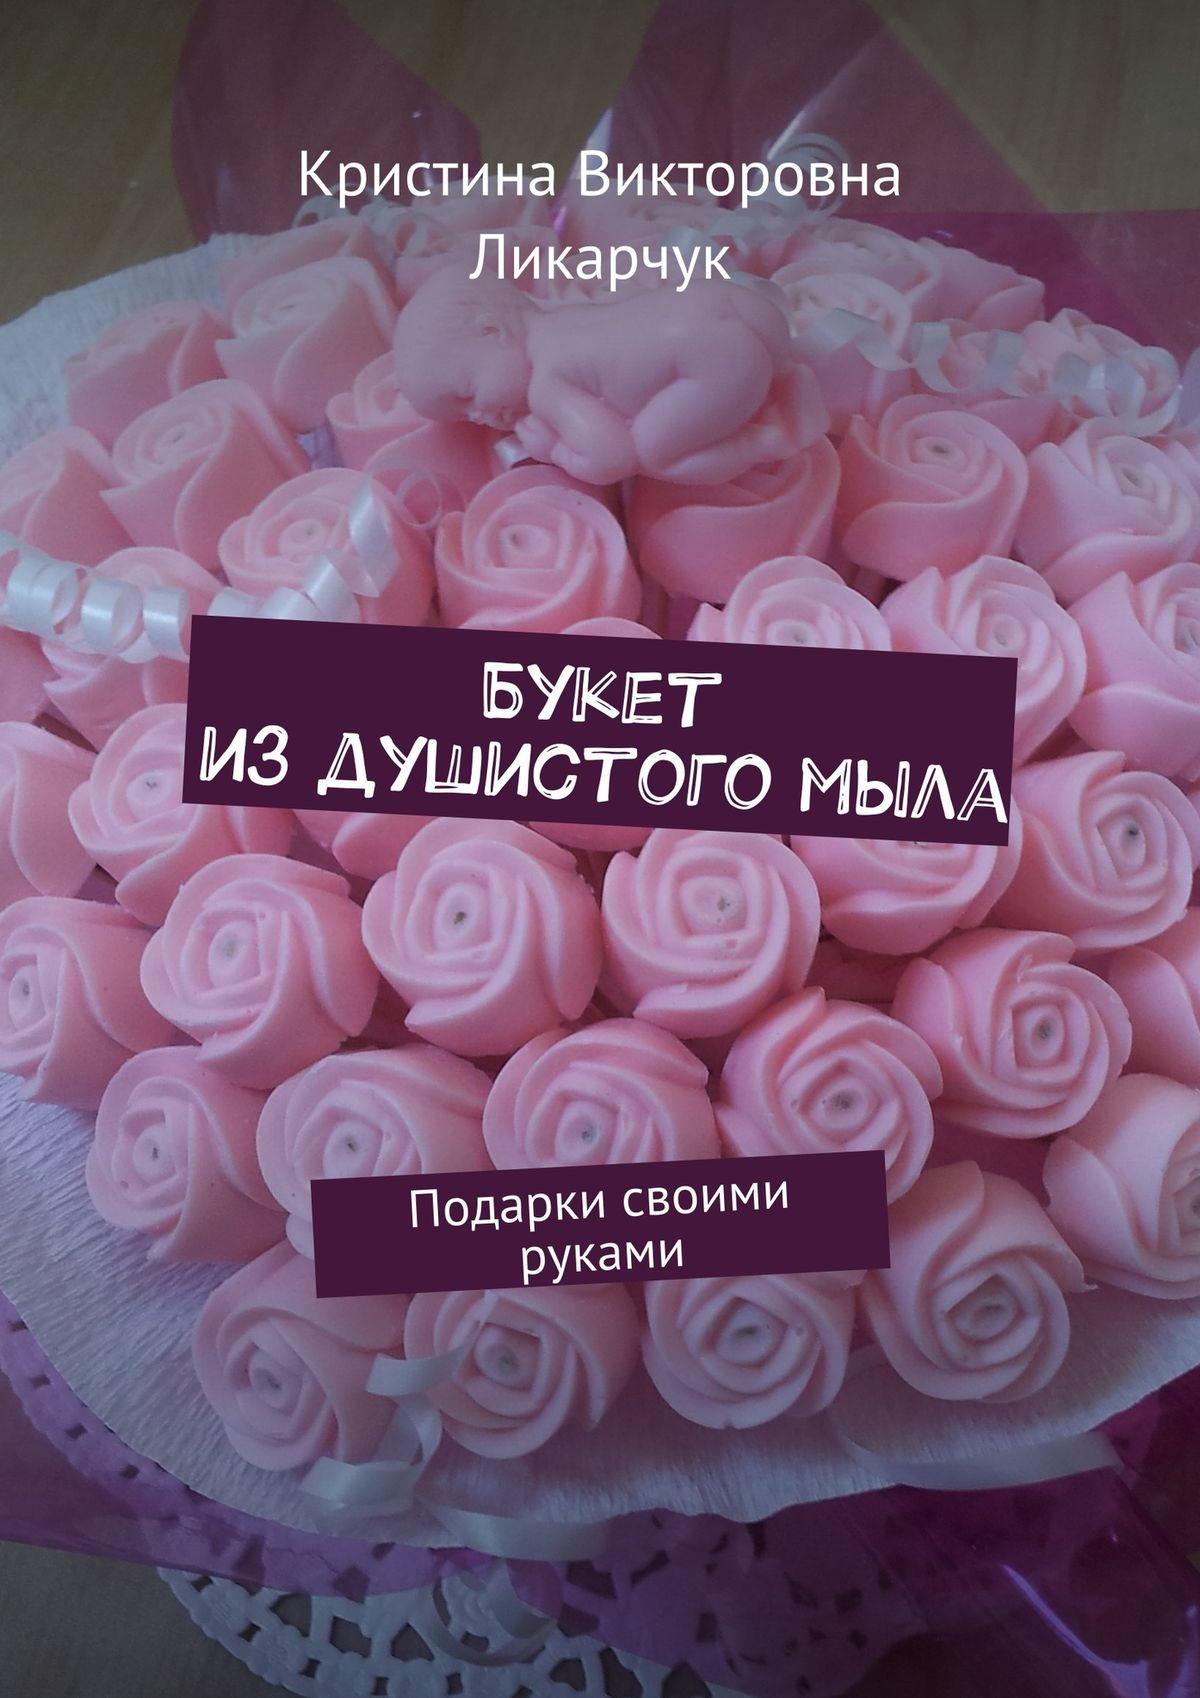 Кристина Викторовна Ликарчук Букет издушистогомыла. Подарки своими руками николаева а в с пасхой красивые подарки своими руками